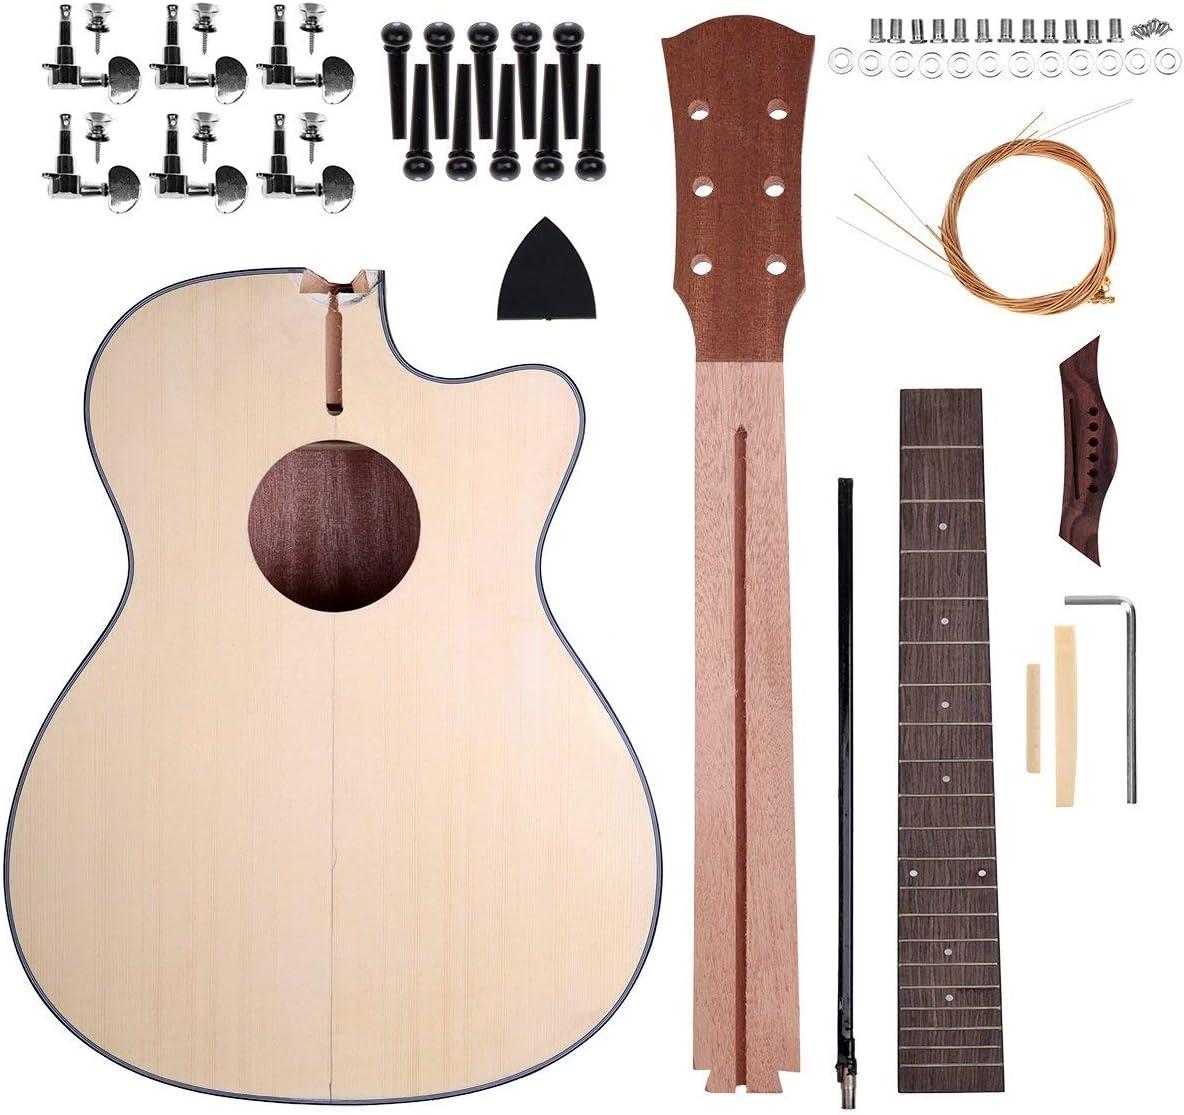 Juego de guitarra acústica DIY Kit de guitarra de madera con cuerda de acero 40 pulgadas